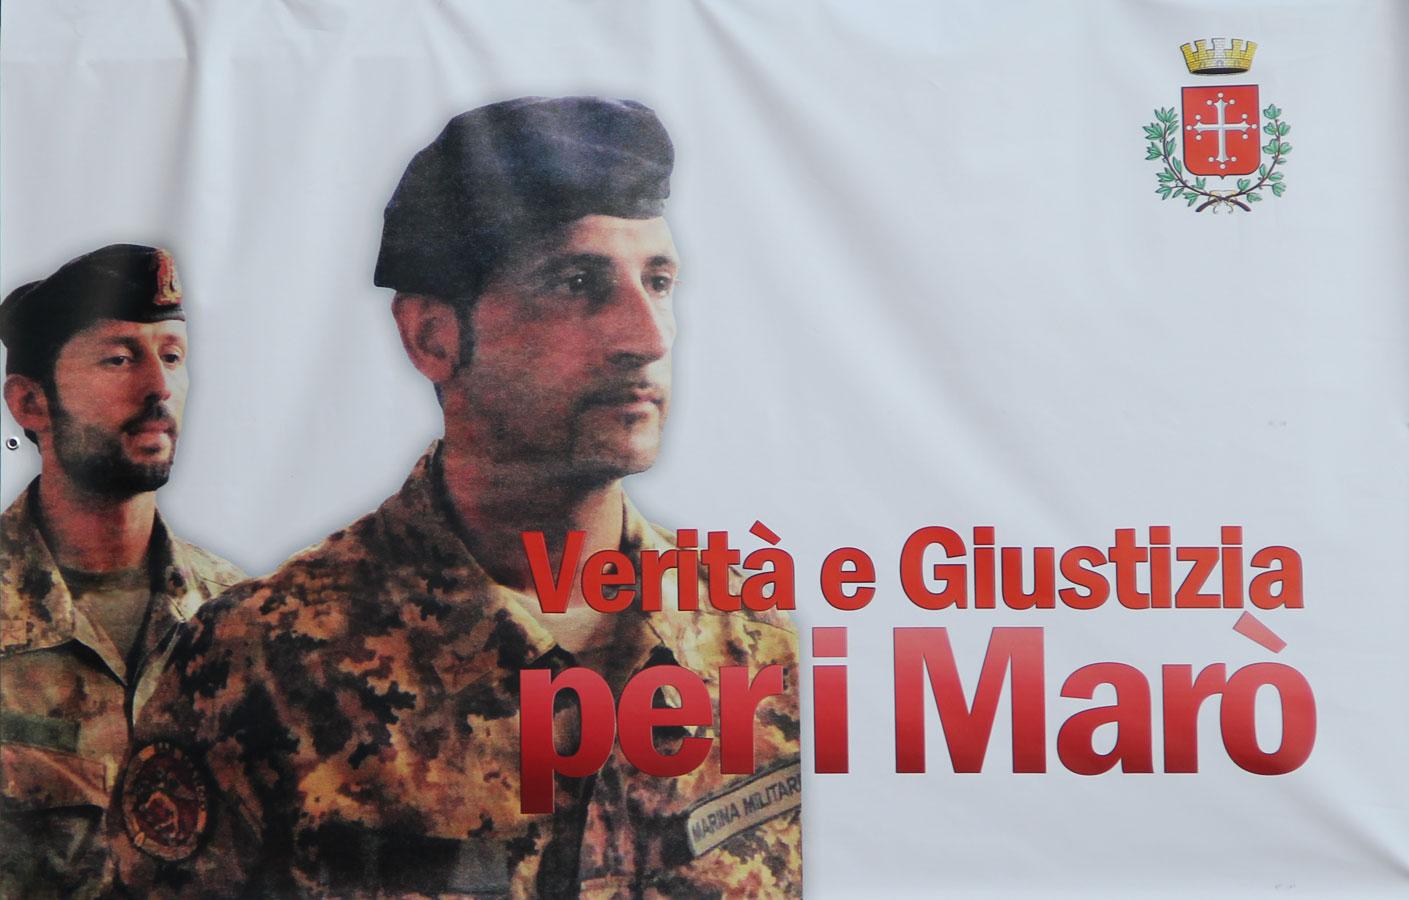 Marò, accolto ricorso. Governo italiano ne chiede immediato rientro